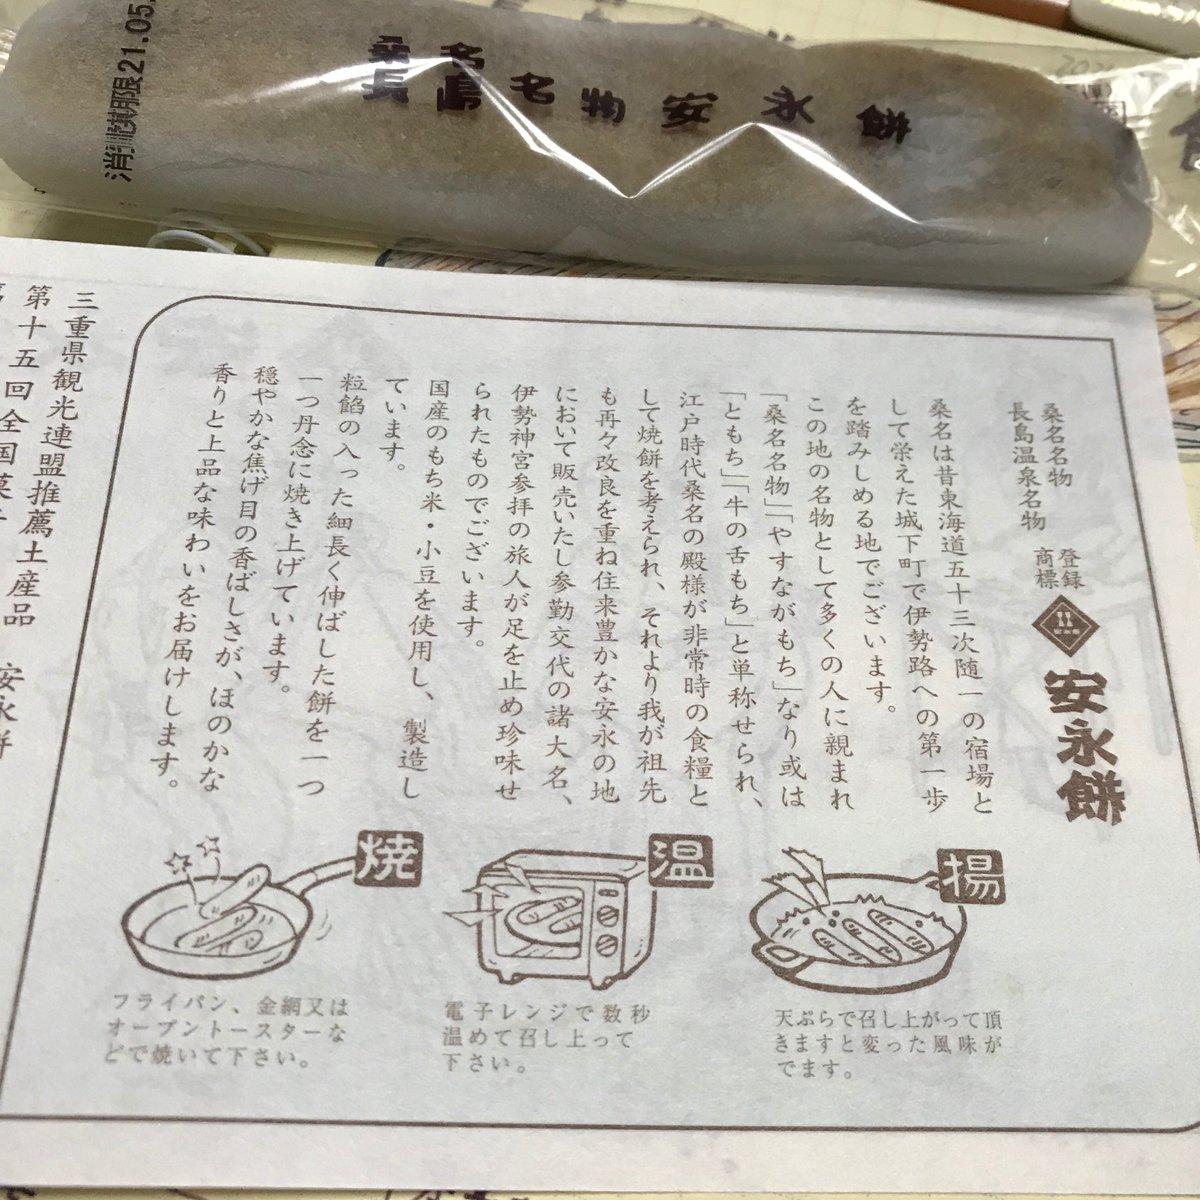 test ツイッターメディア - 三重県 桑名市 安永餅(やすながもち)  長餅屋老舗 長島 時間が、過ぎるにつれ 味わいが変わる。 当日も、期限最終日の乾いた 感じで食べても、んまい😋。 #パッケージ裏面書写 #安永餅 https://t.co/9Rw3N78gIh